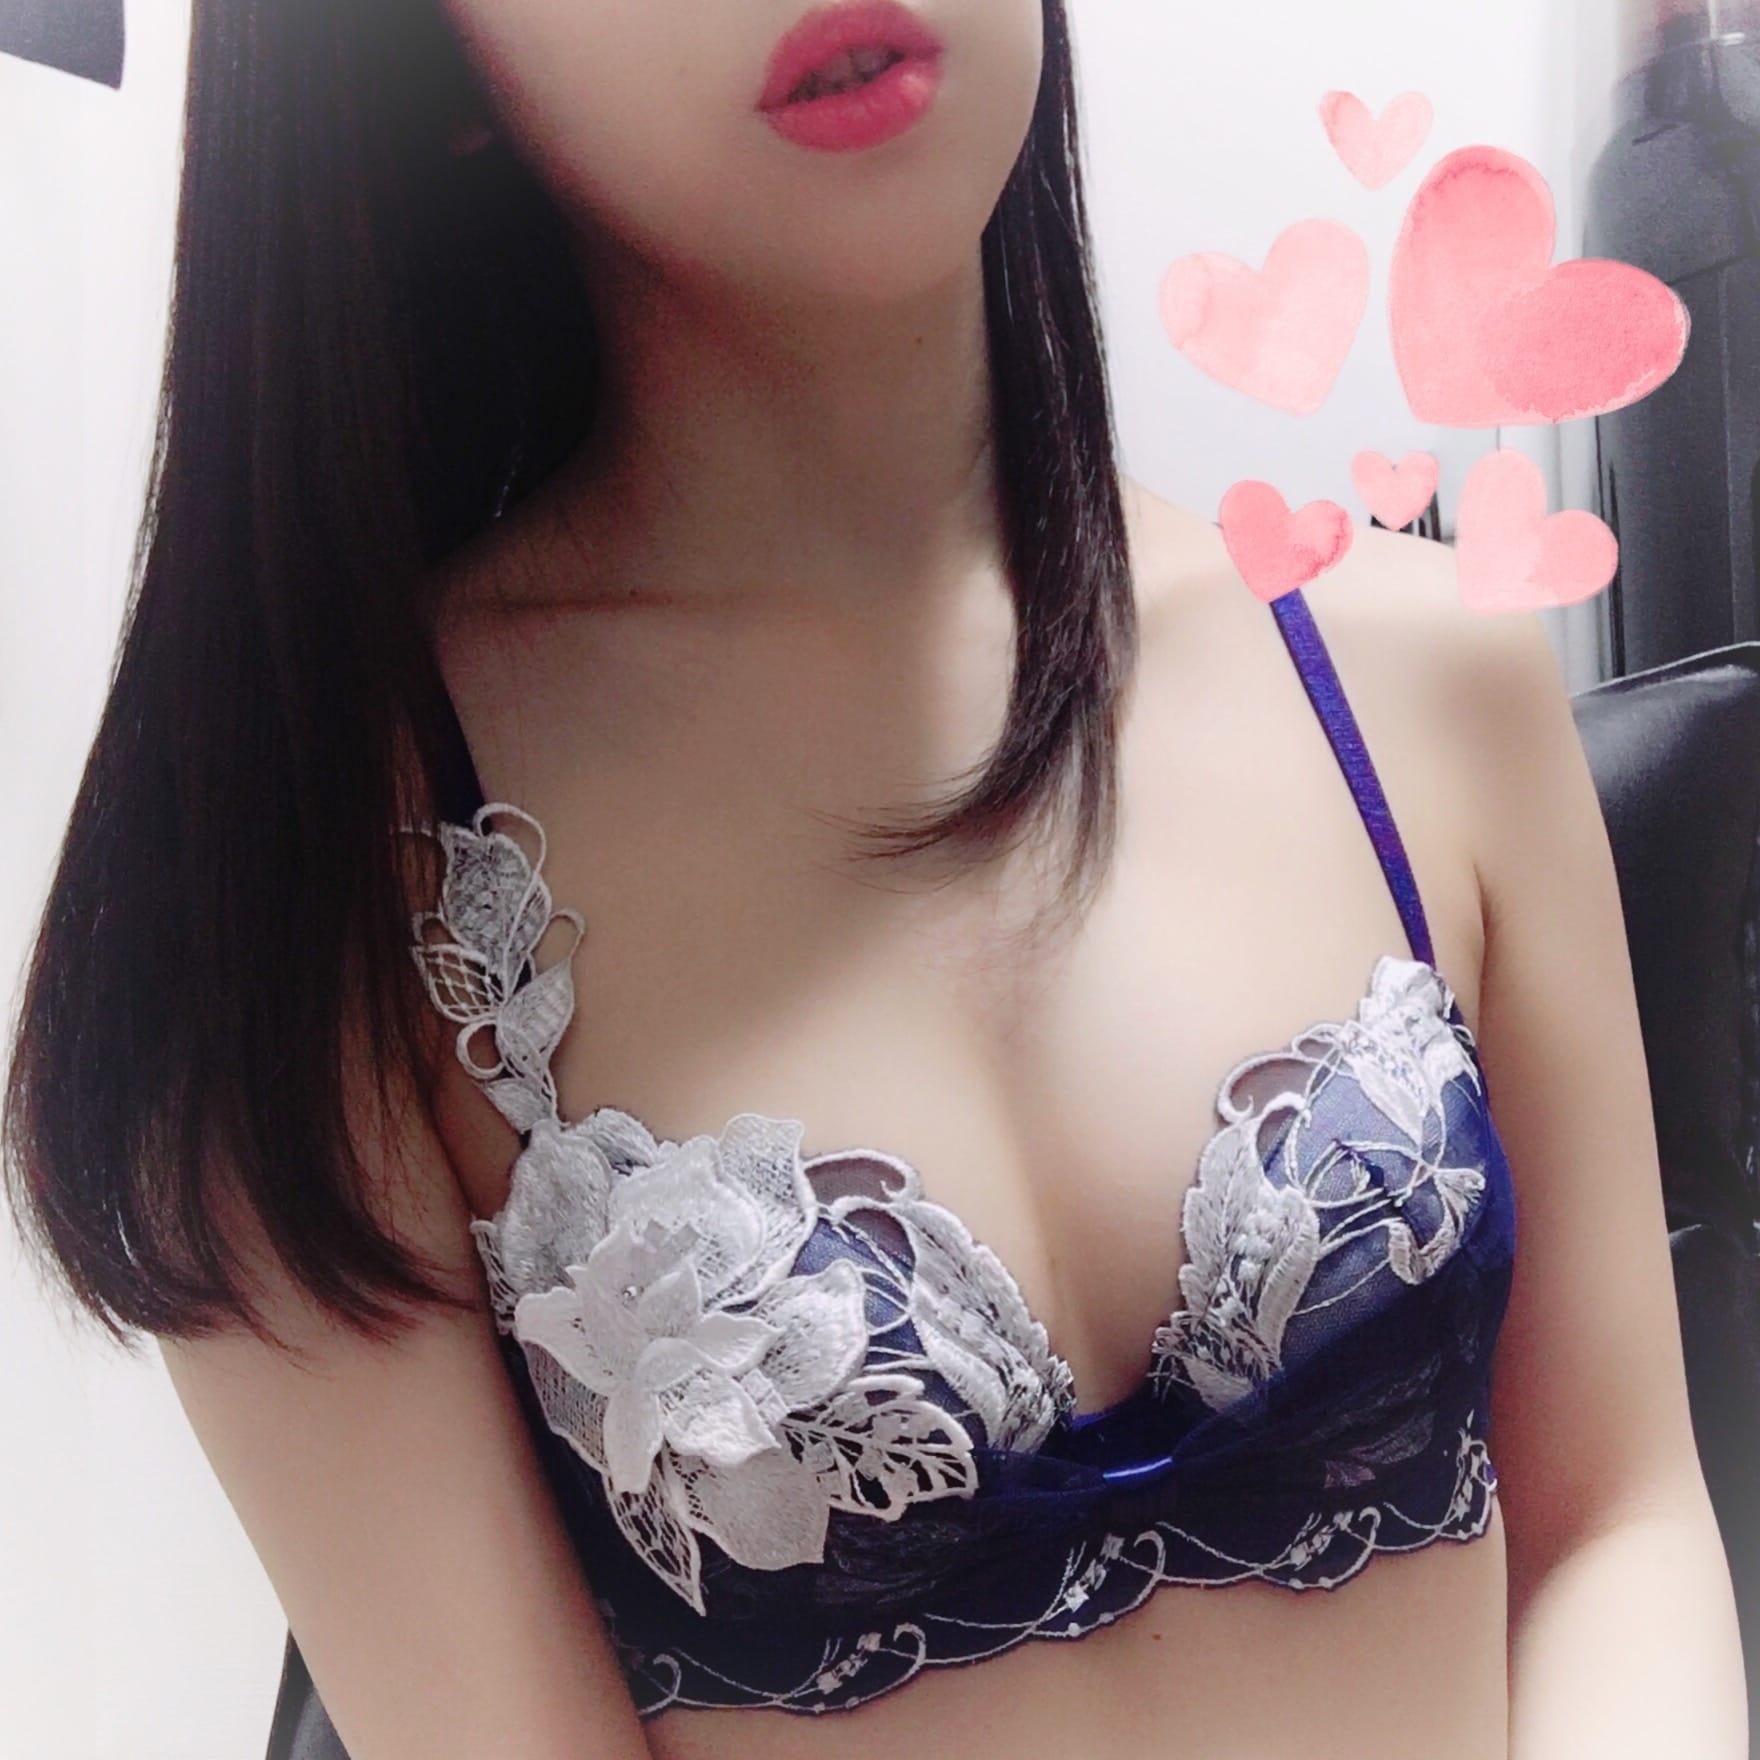 「ありがとう☆」01/21(01/21) 00:21 | こゆきの写メ・風俗動画